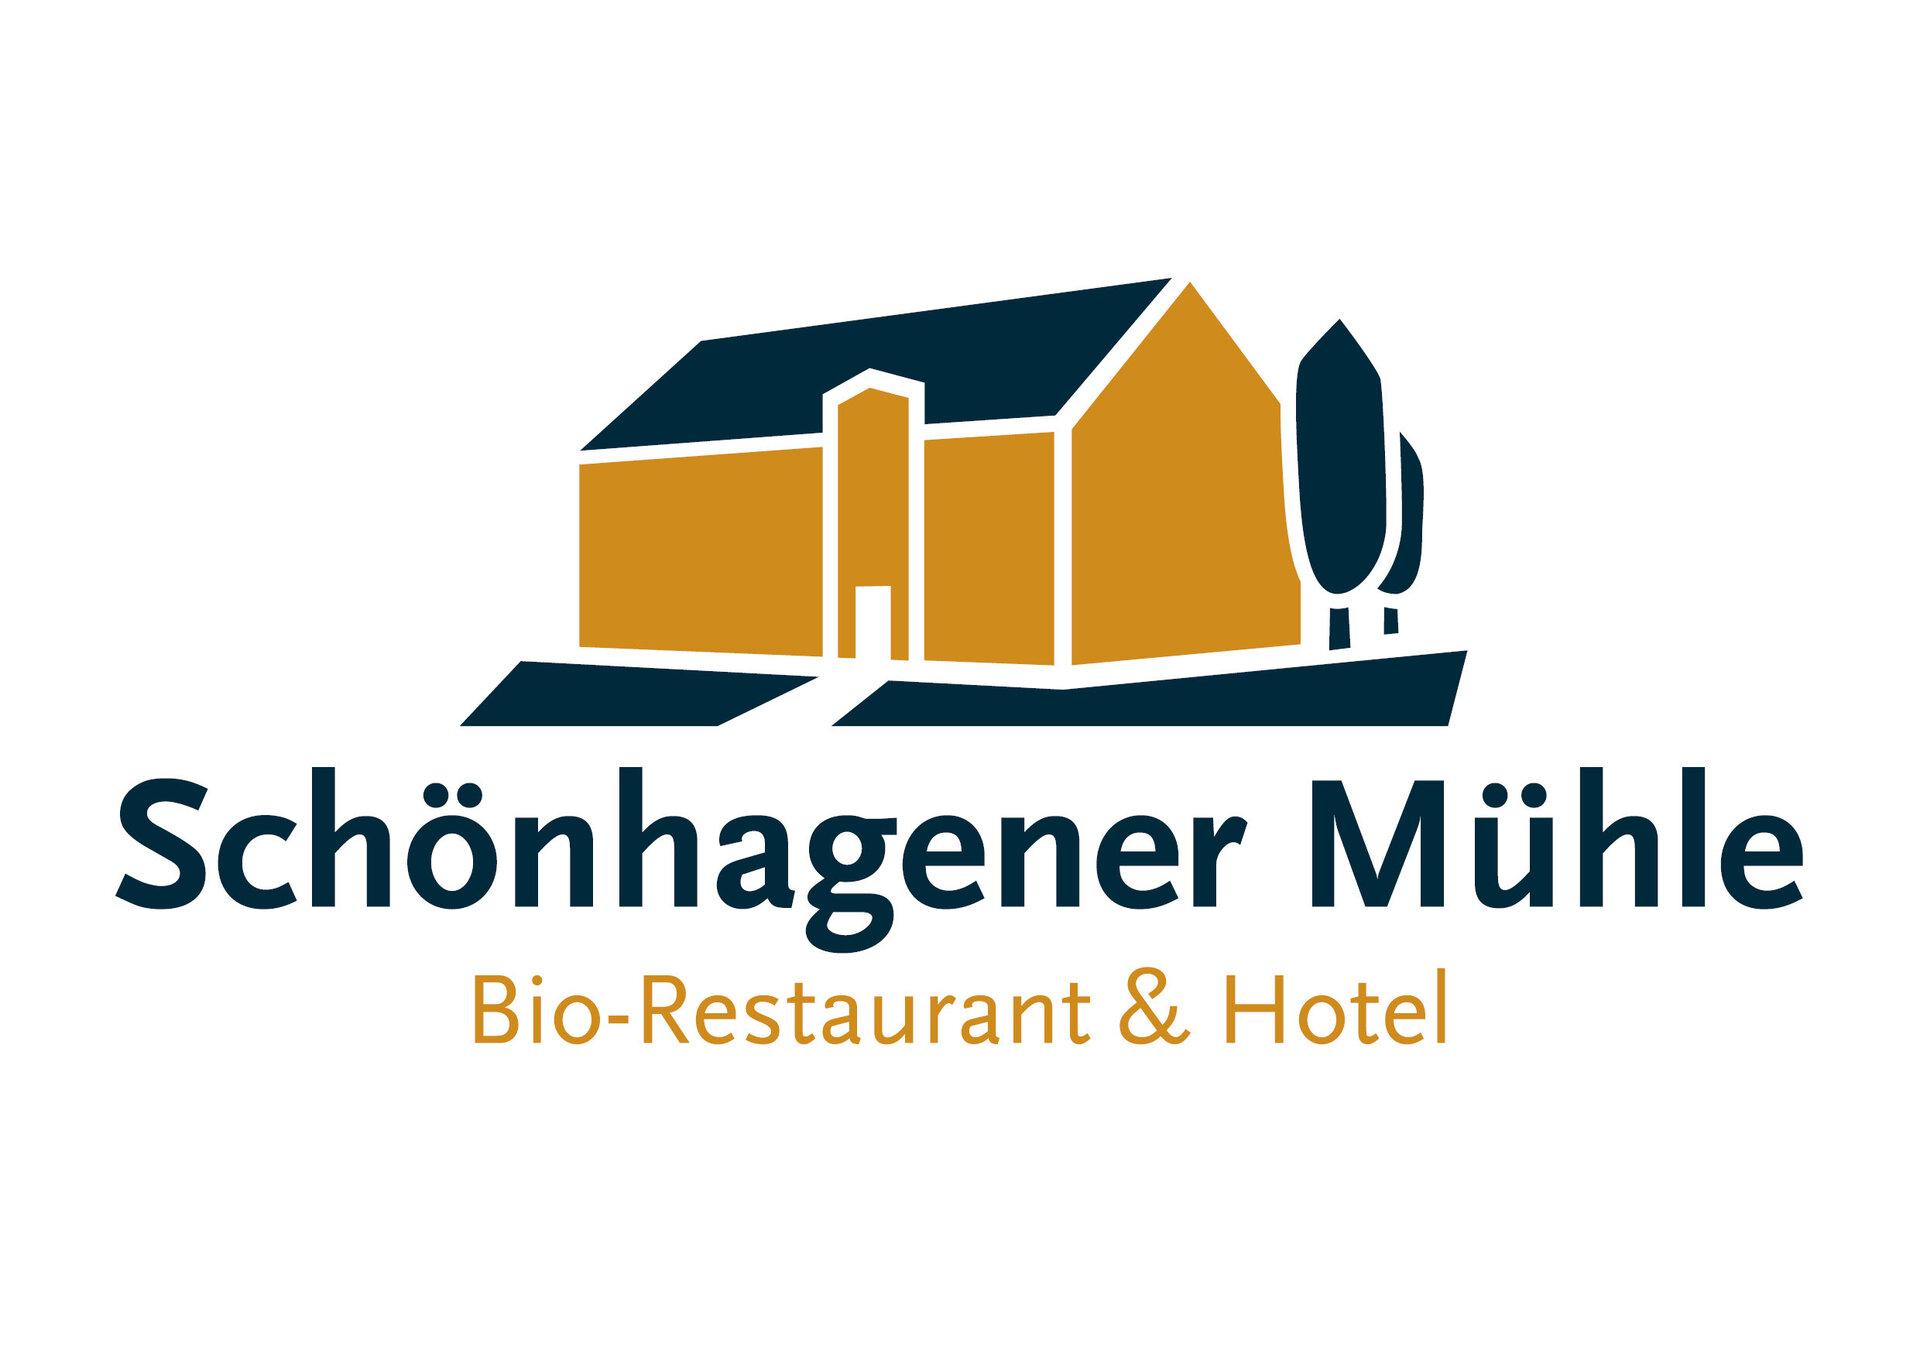 Schönhagener Mühle